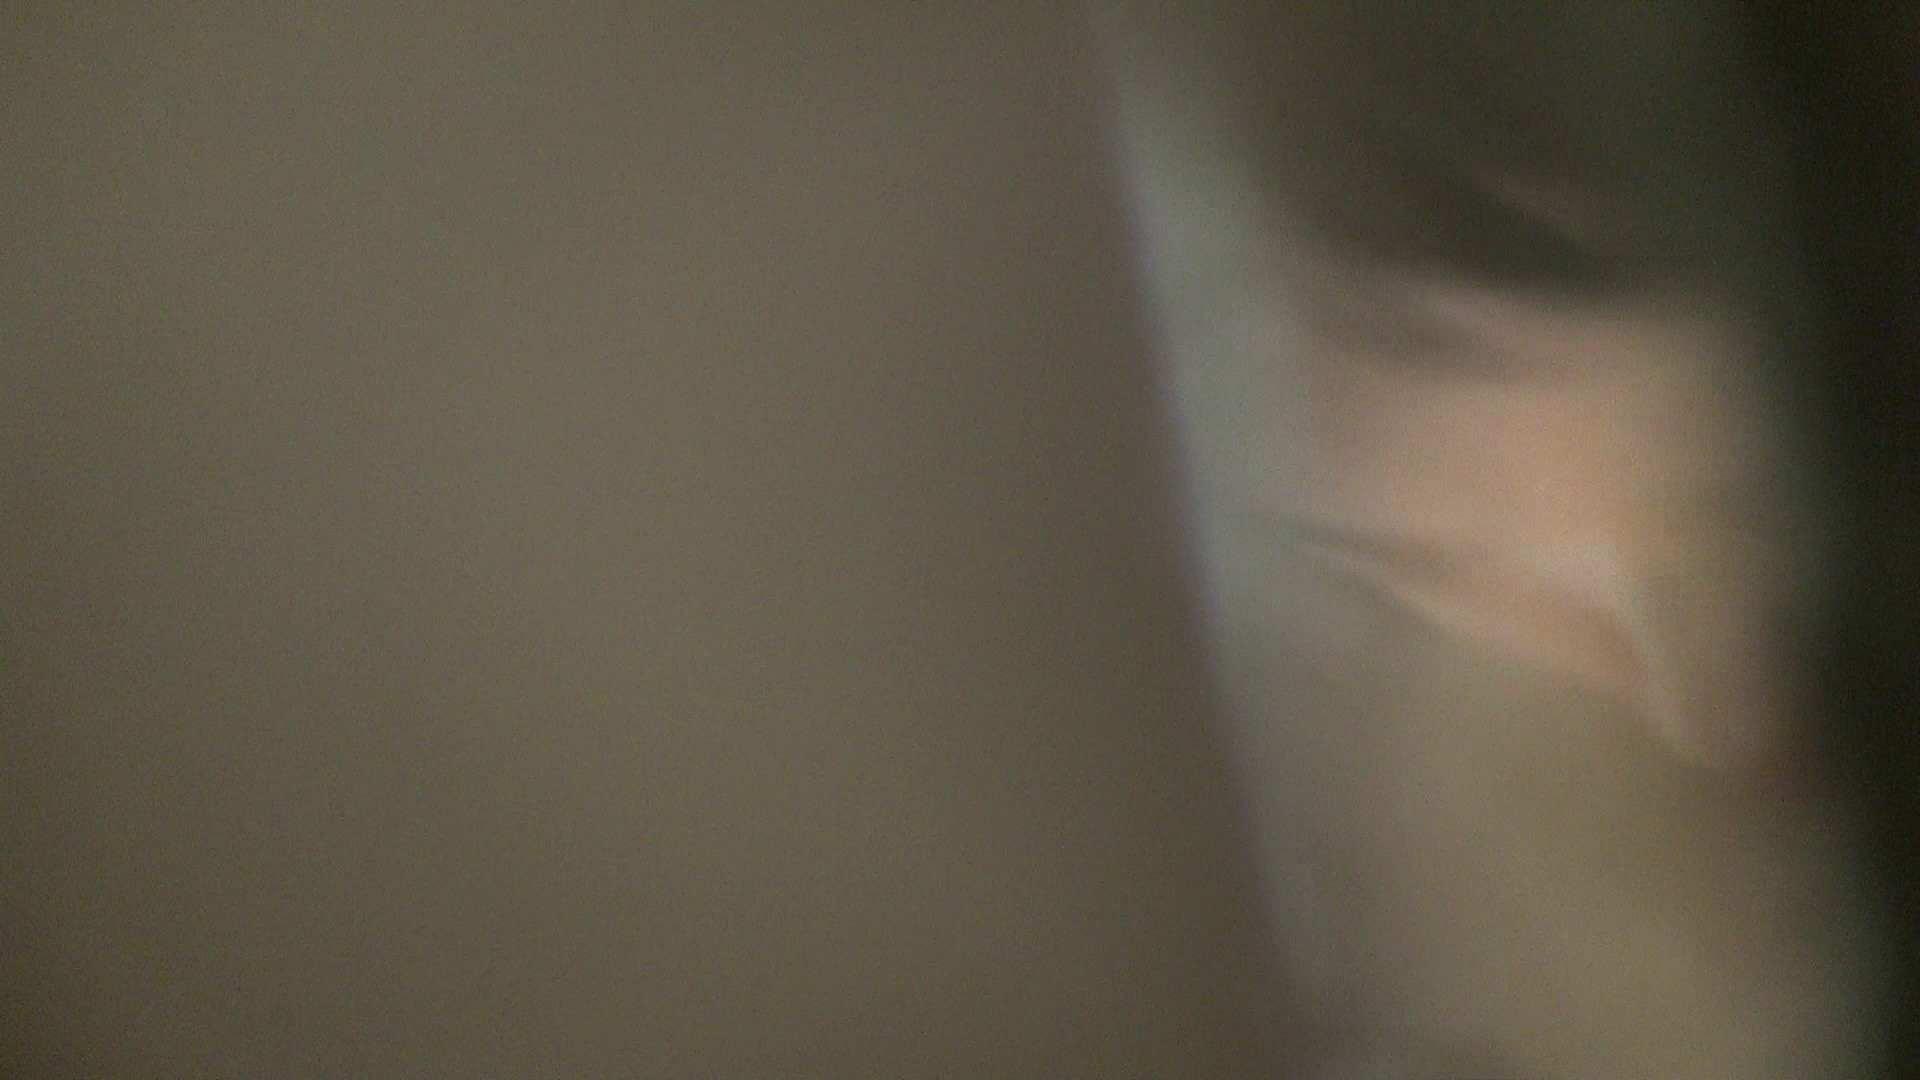 NO.12 斜めから一本道!技あり!! シャワー室 のぞき動画画像 50pic 8